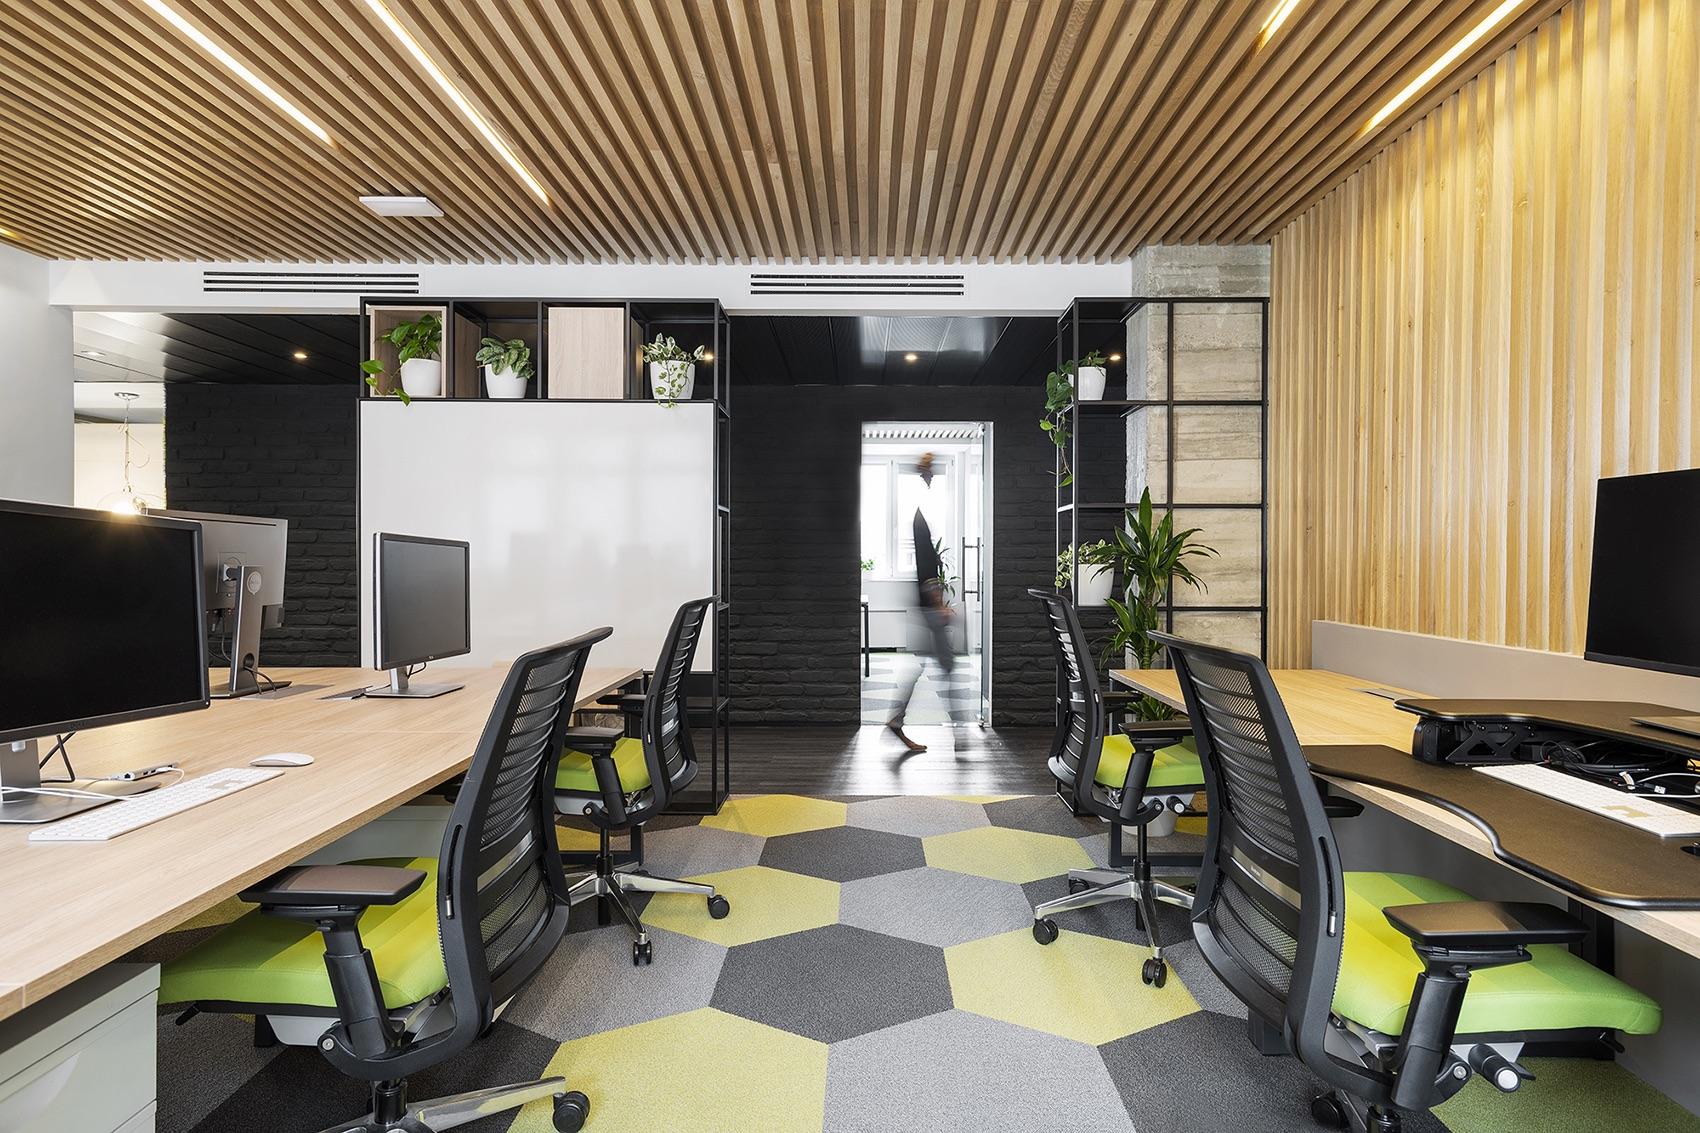 hortonworks-office-budapest-6